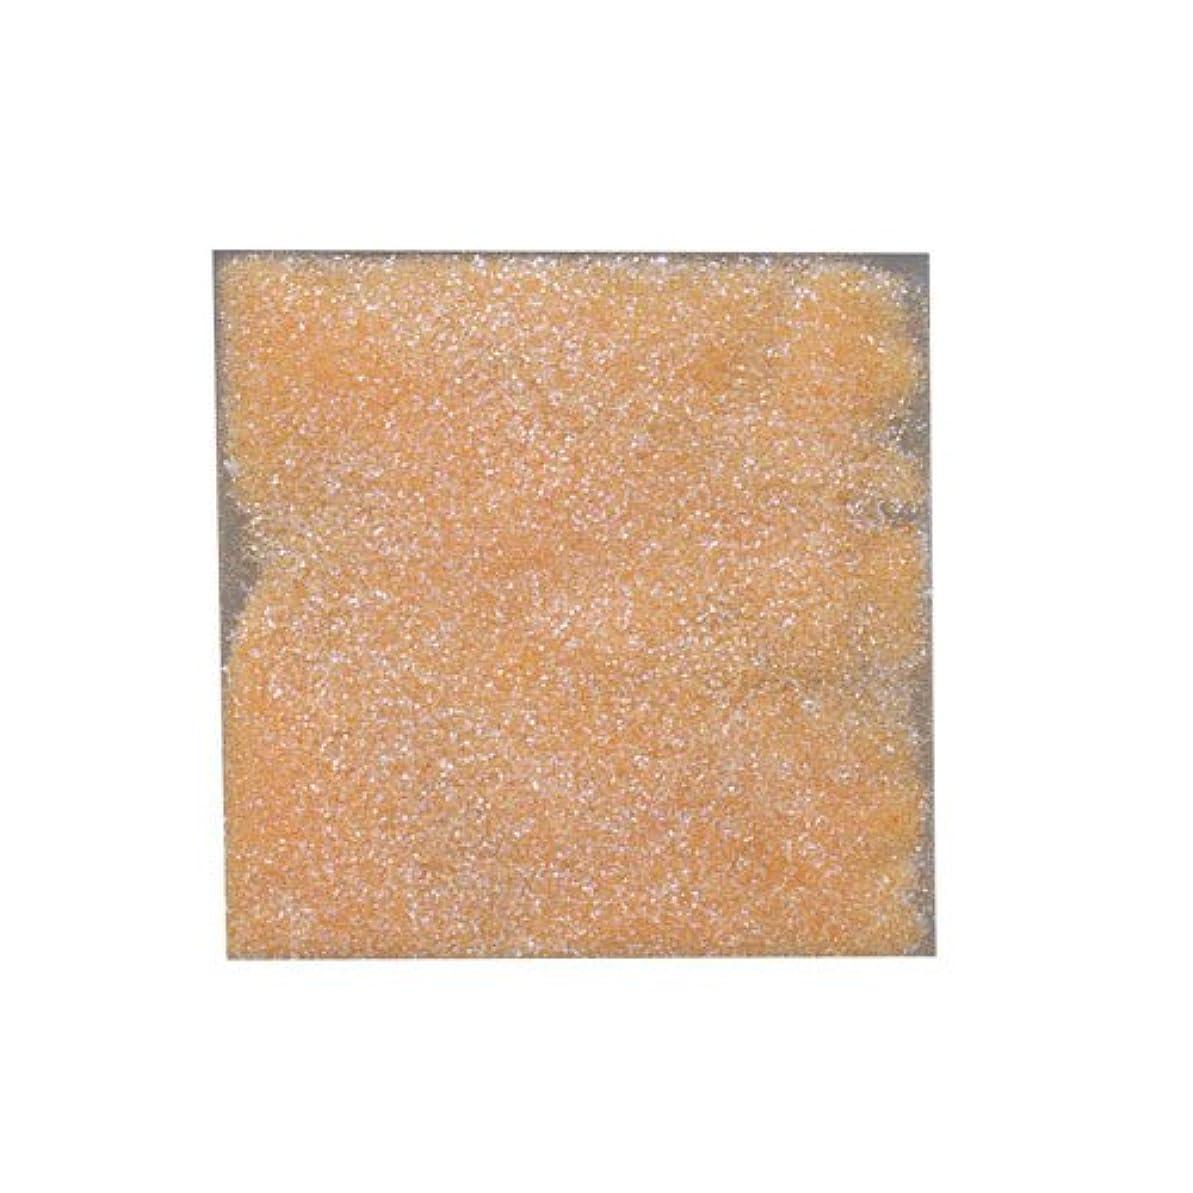 スマイルシングルクレタピカエース ネイル用パウダー ラメカラーオーロラB 耐溶剤 S #532 オレンジ 0.7g